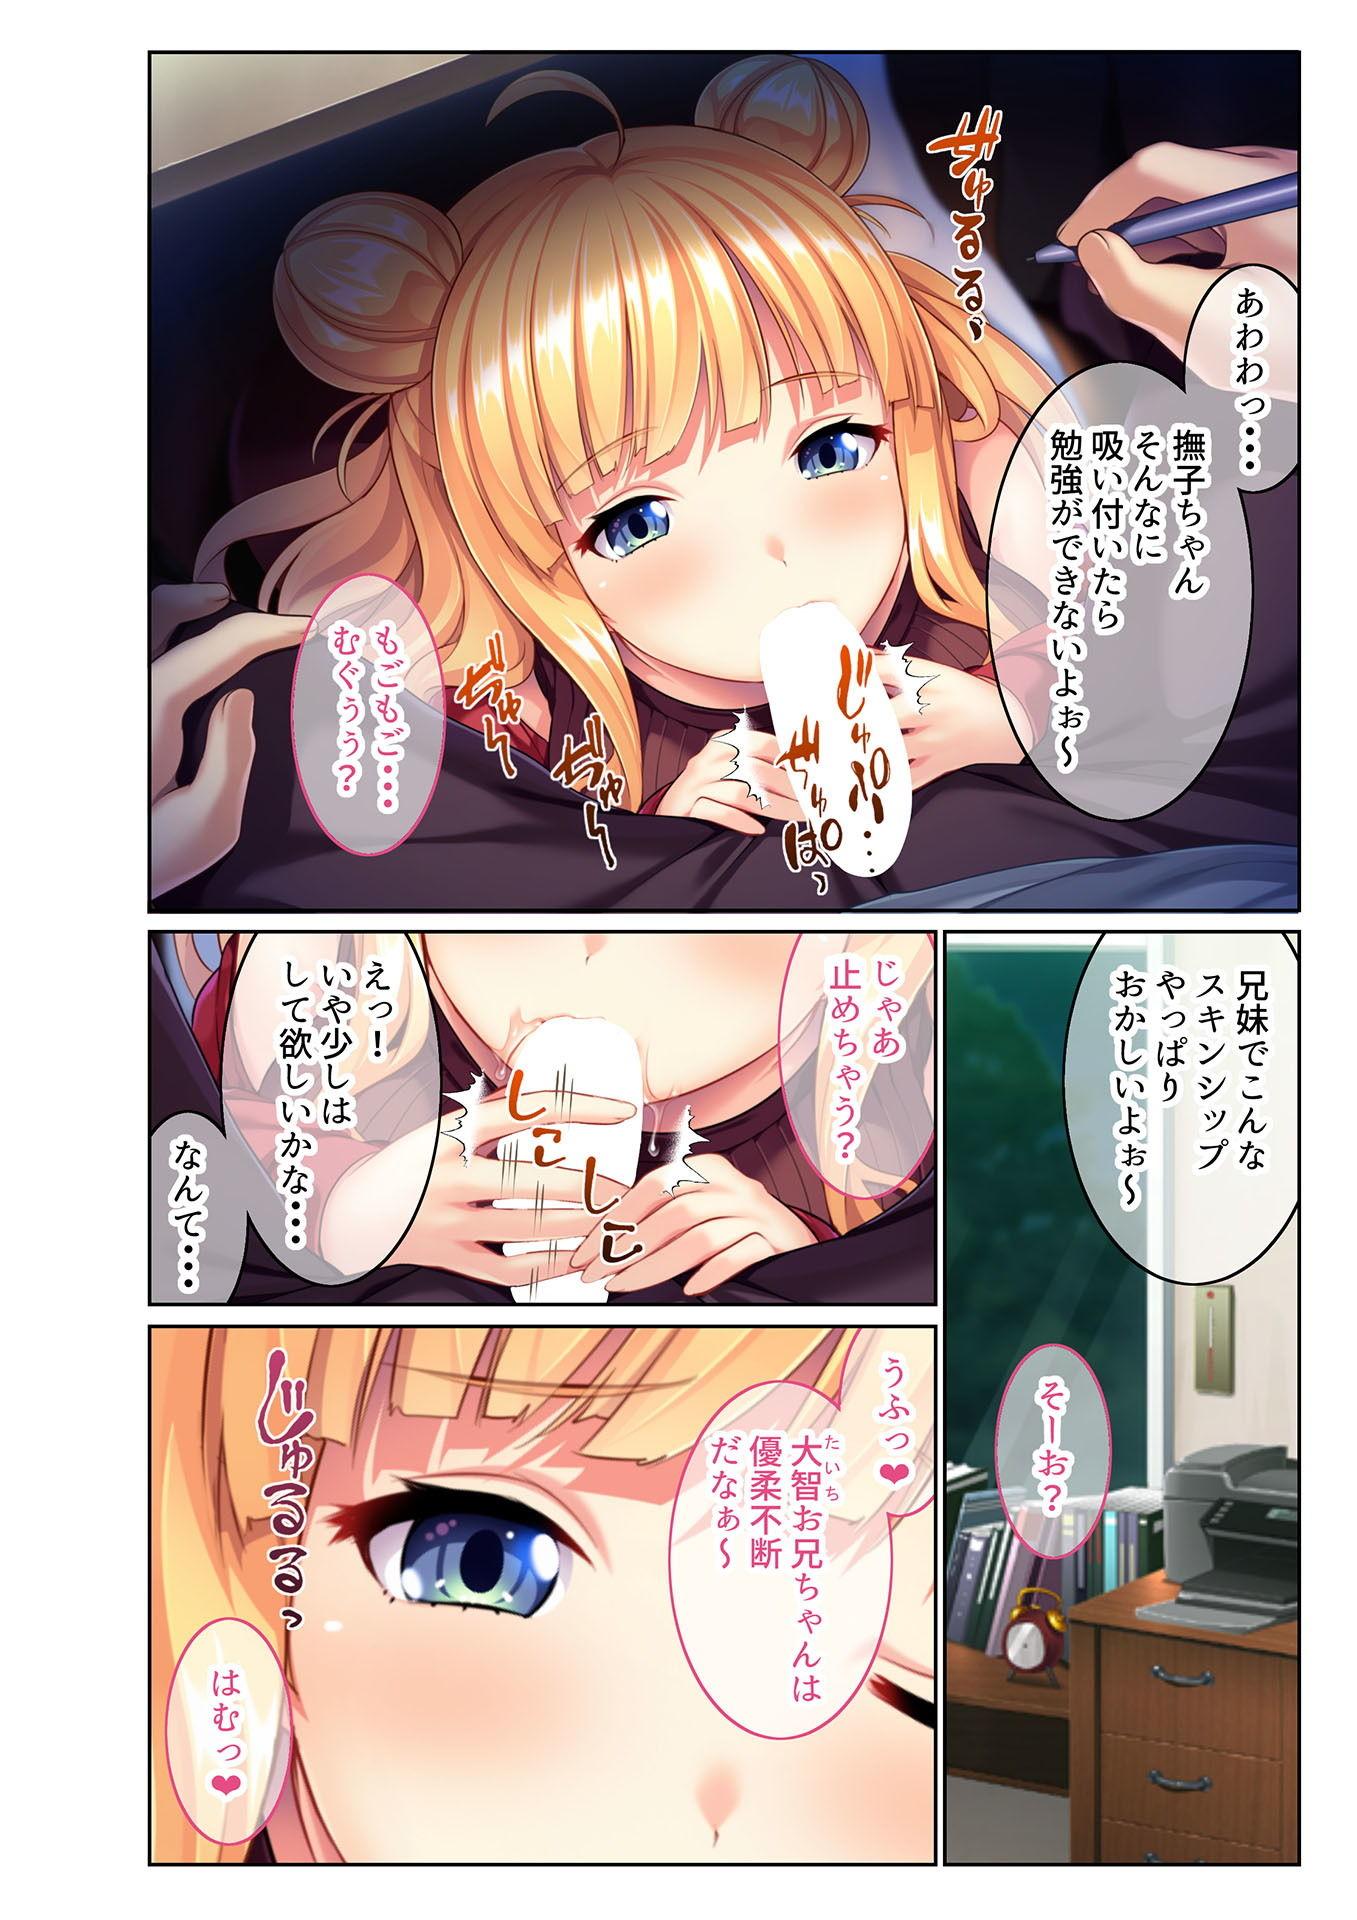 【フルカラー】小悪魔な義妹は好きですか? 〜淫乱ドSな射精管理〜(1)